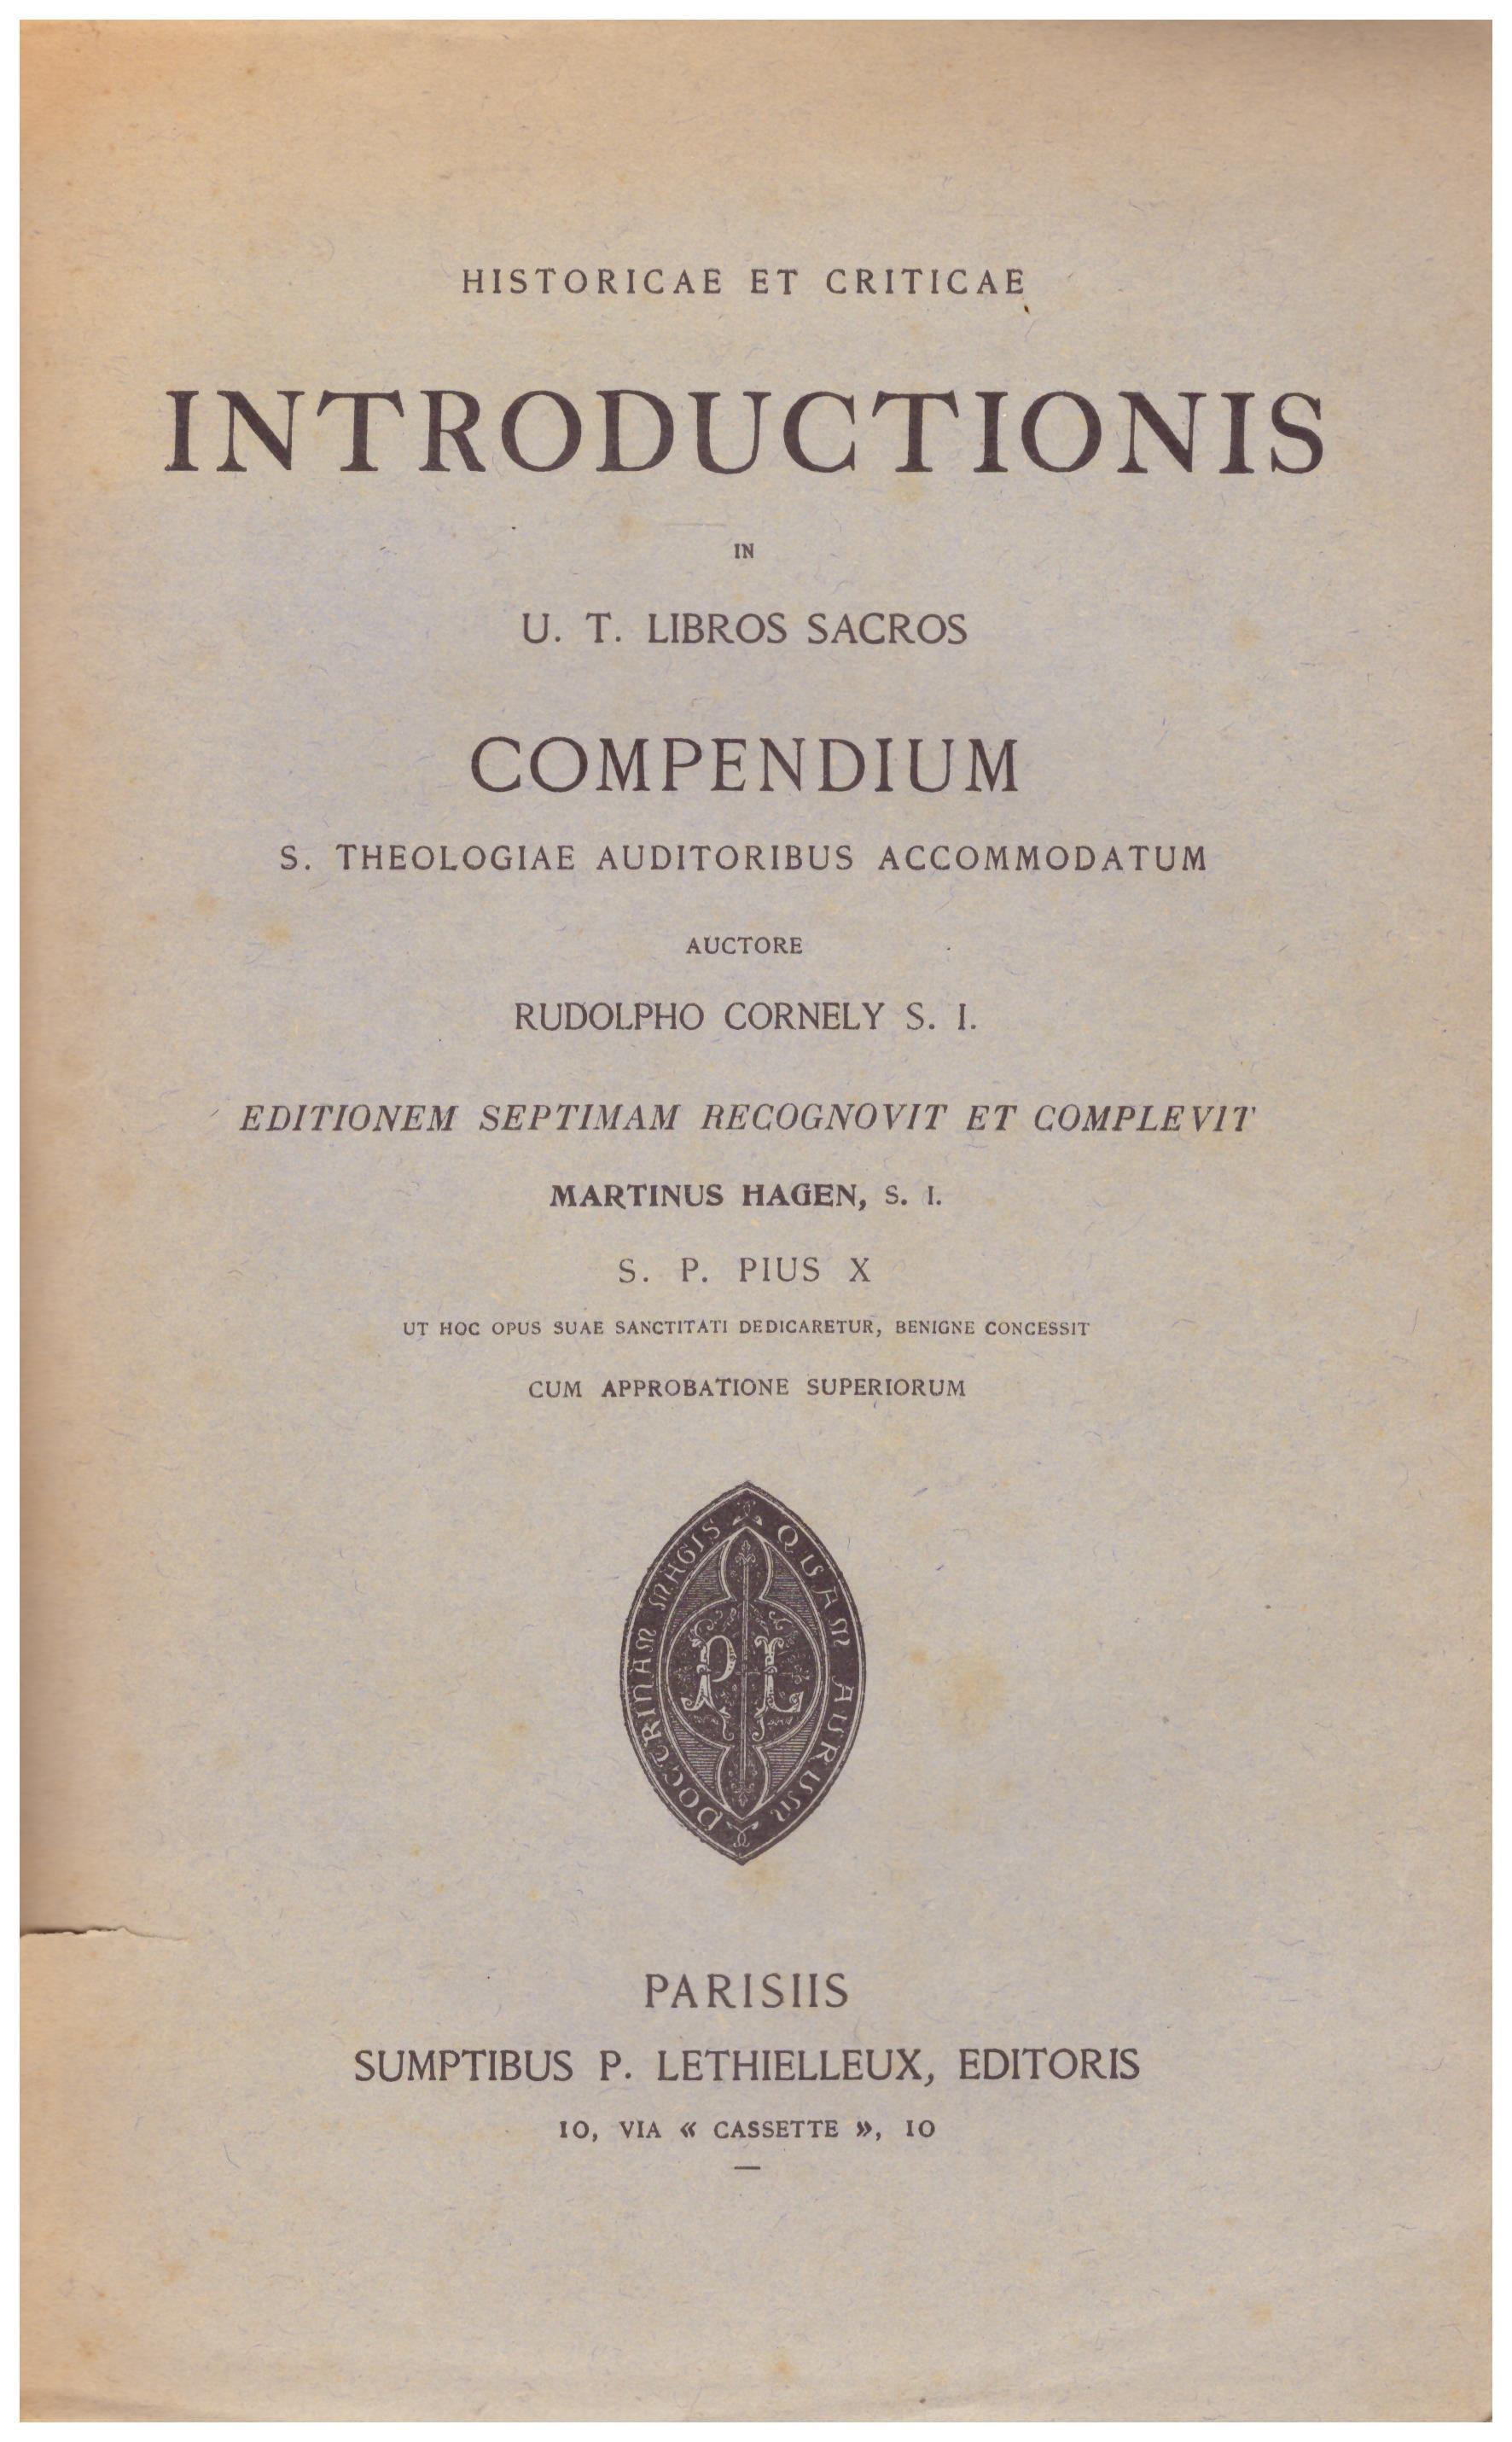 Titolo: Historicae et criticae introductionis in U. T. libros sacros Autore : AA.VV. Editore: Parisiis sumptibus P. Lethielleux